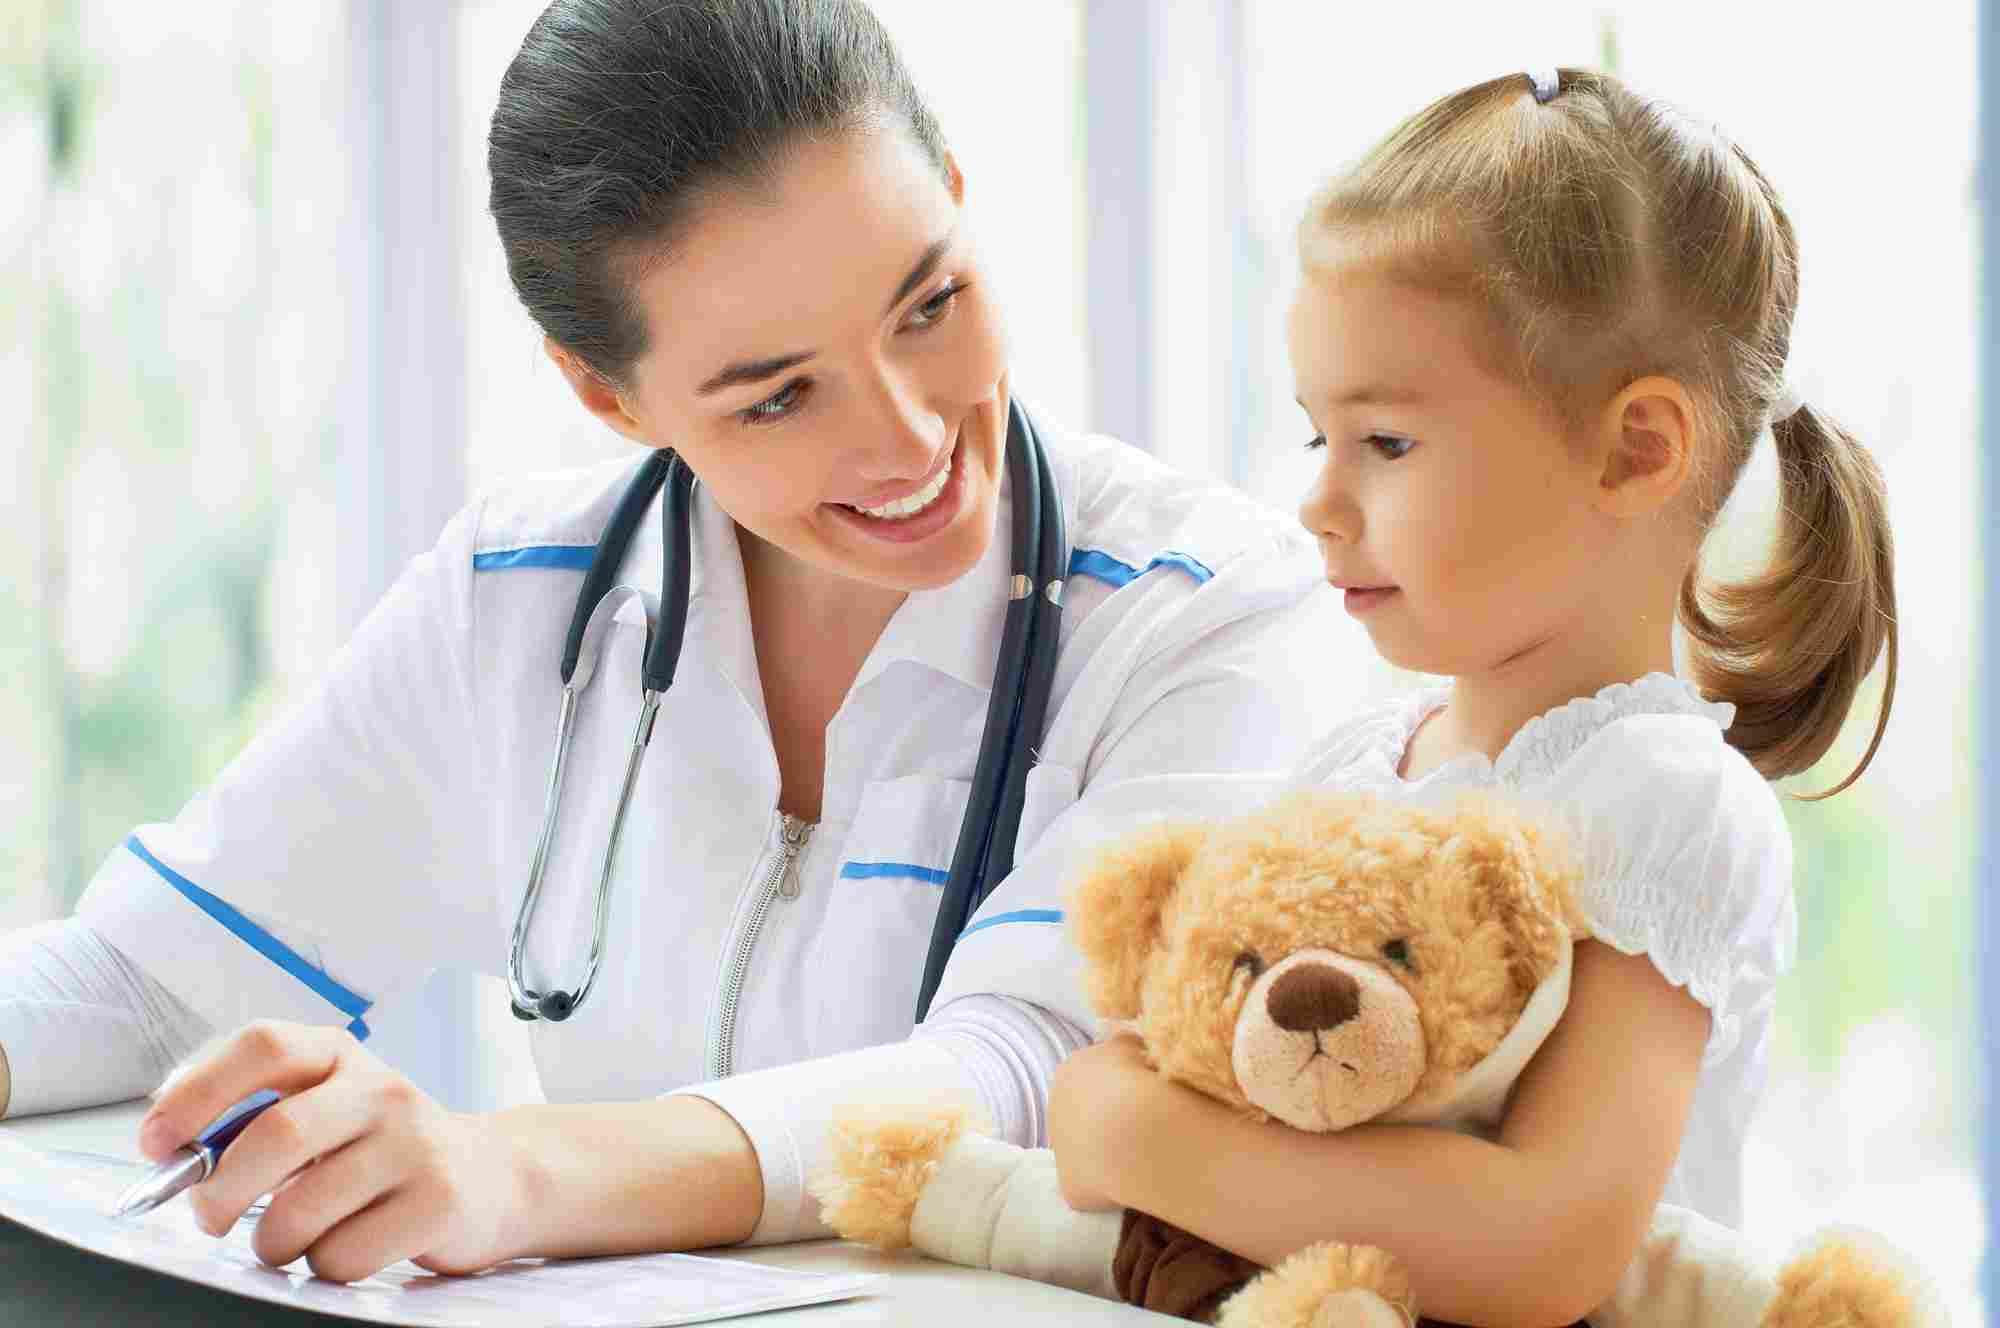 https://www.doctors4you.co/wp-content/uploads/2015/12/shutterstock_220544206.jpg